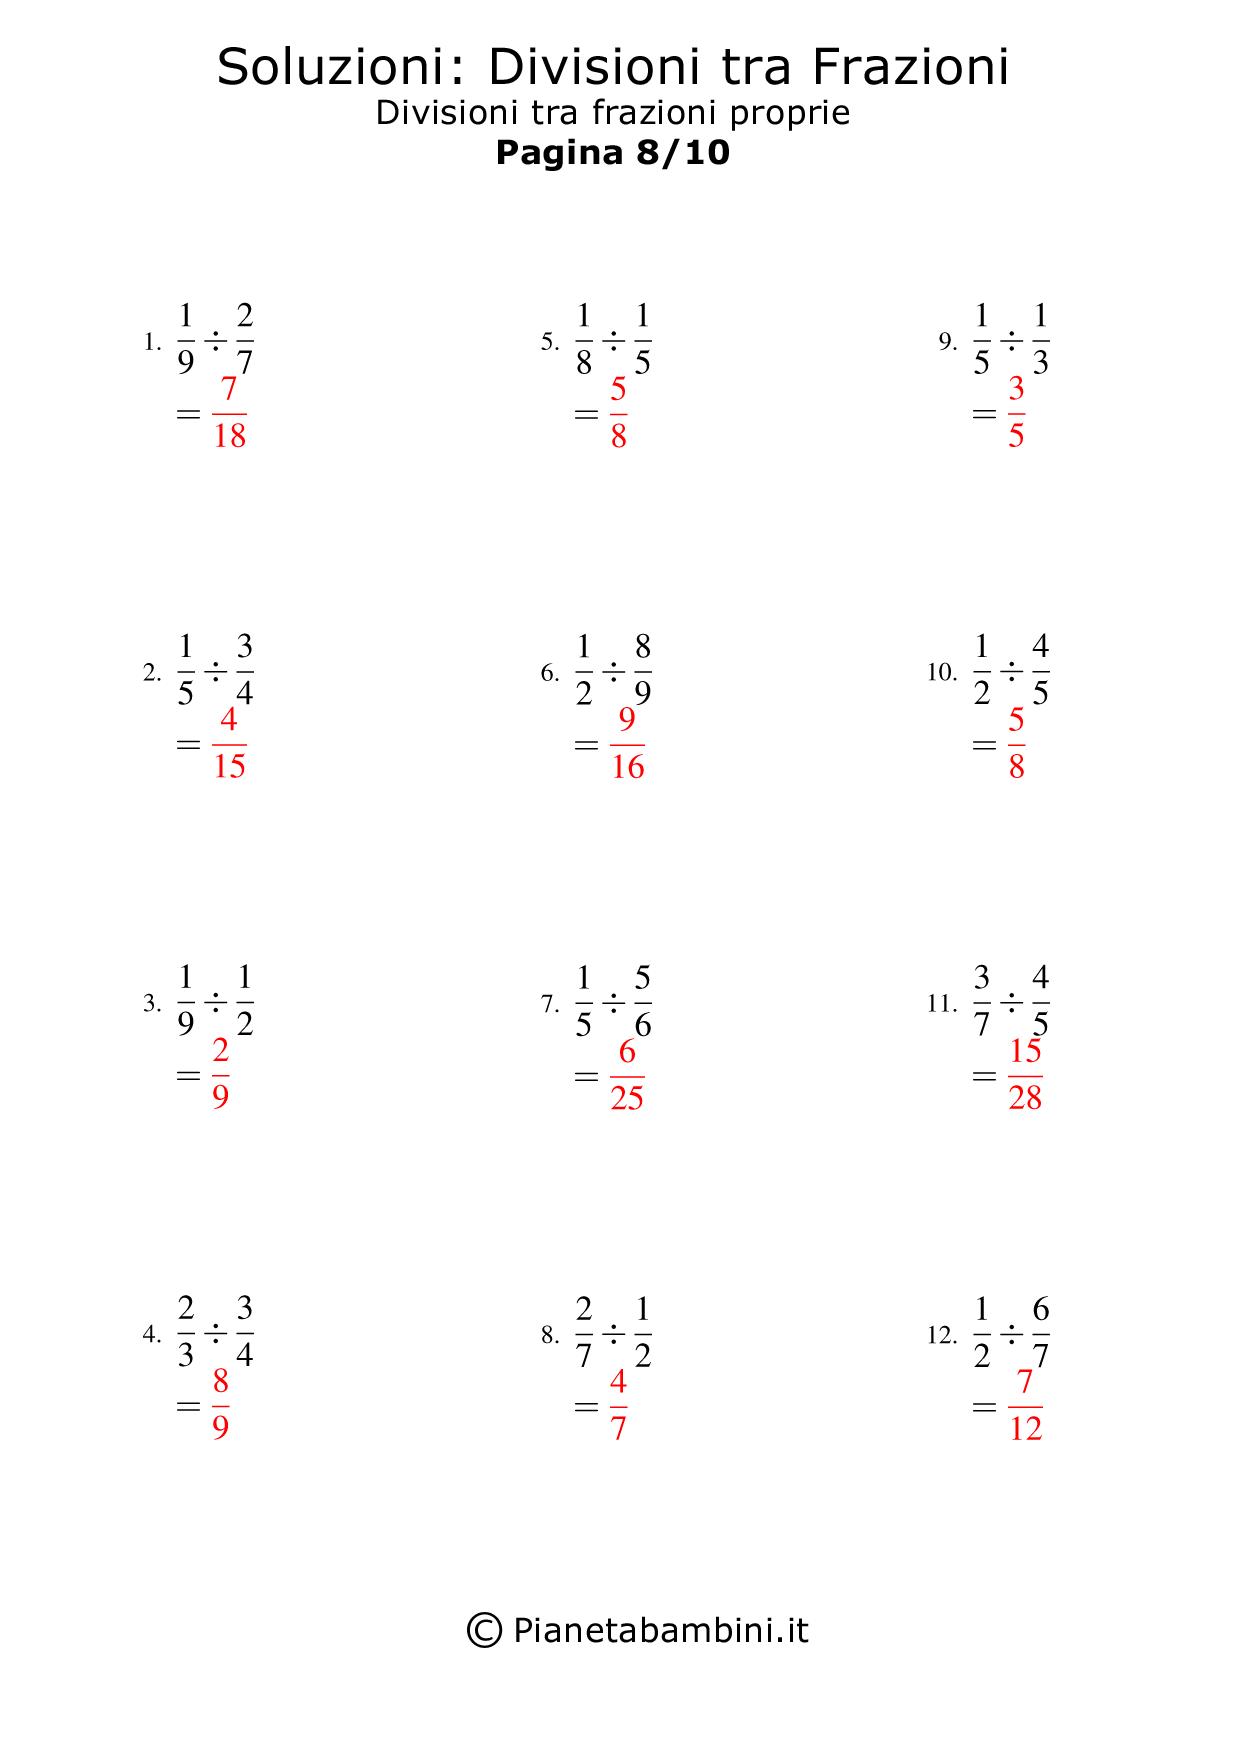 Soluzioni-Divisioni-Frazioni-Proprie_08